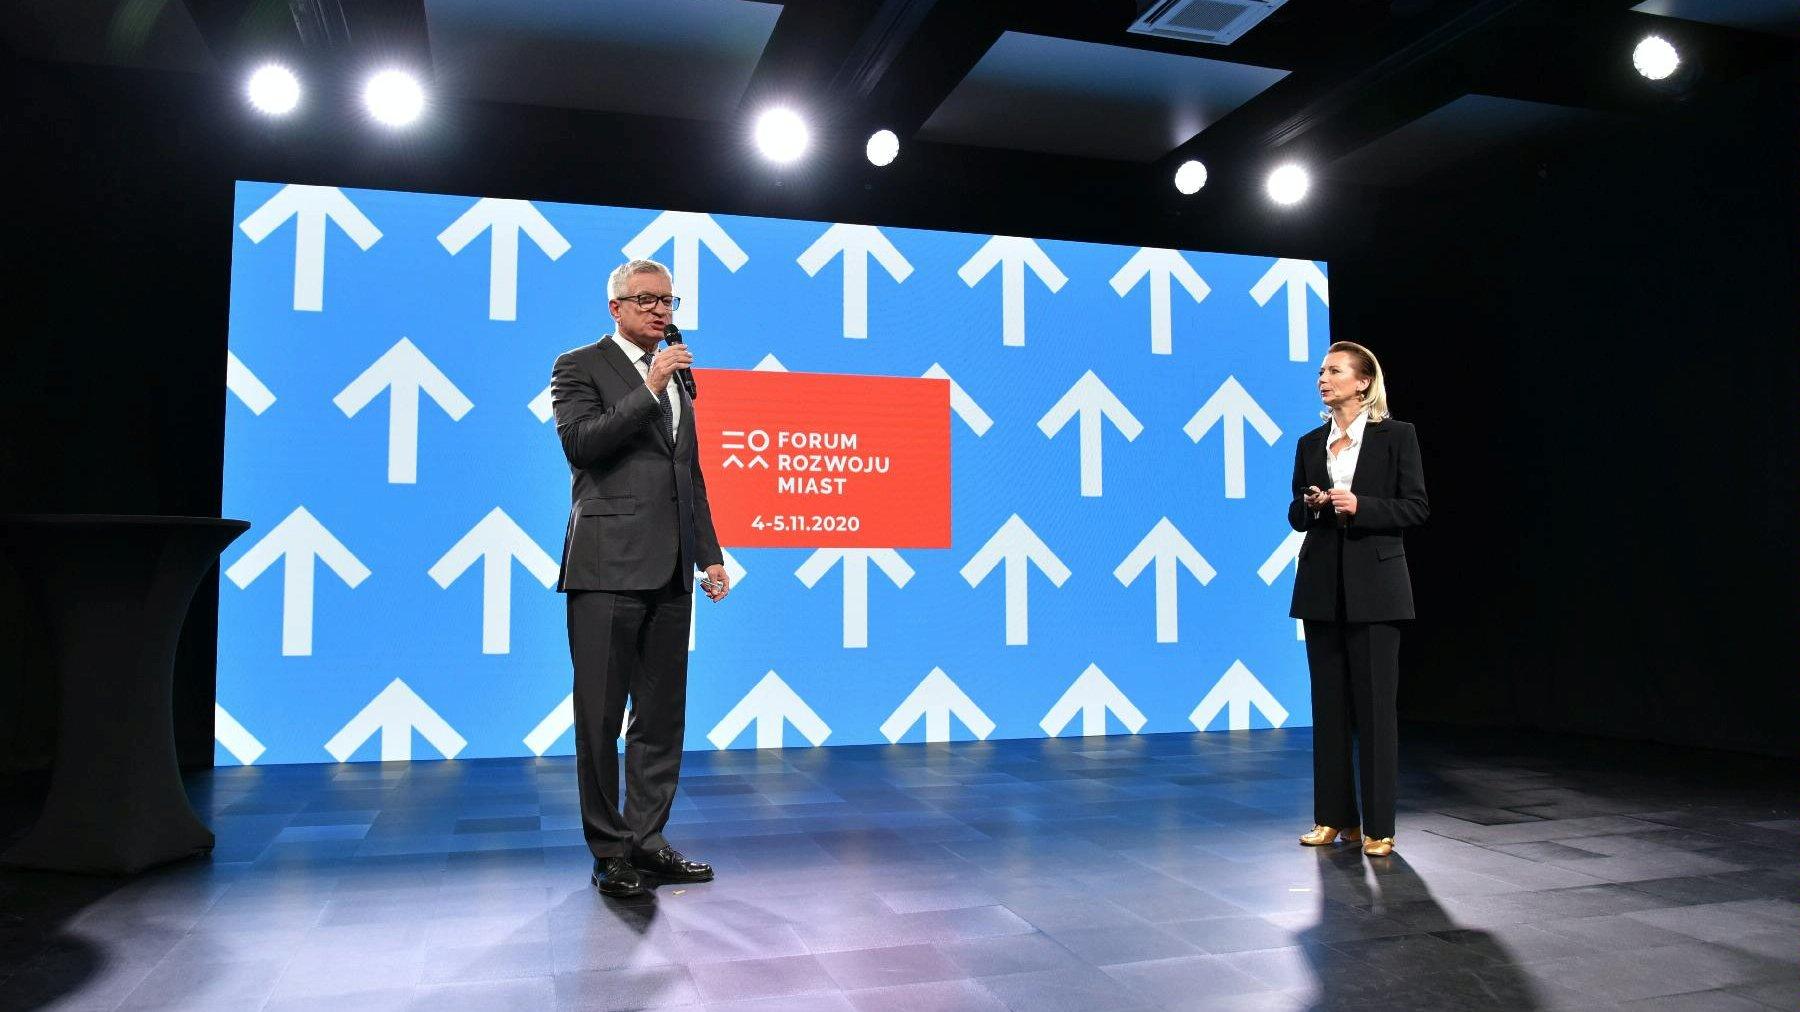 Prezydent Poznania Jacek Jaśkowiak mówi do mikrofonu, na przeciwko stoi Iwona Matuszczak - Szulc, dyrektorka Wydziału Rozwoju Miasta i Współpracy Międzynarodowej UMP. - grafika artykułu